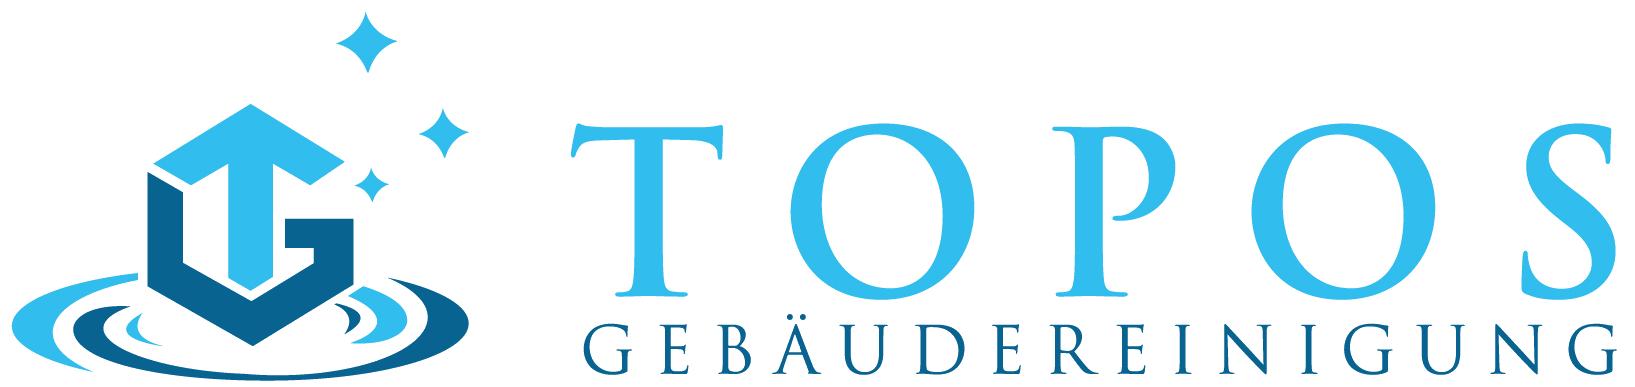 Topos Gebäudereinigung in Berlin